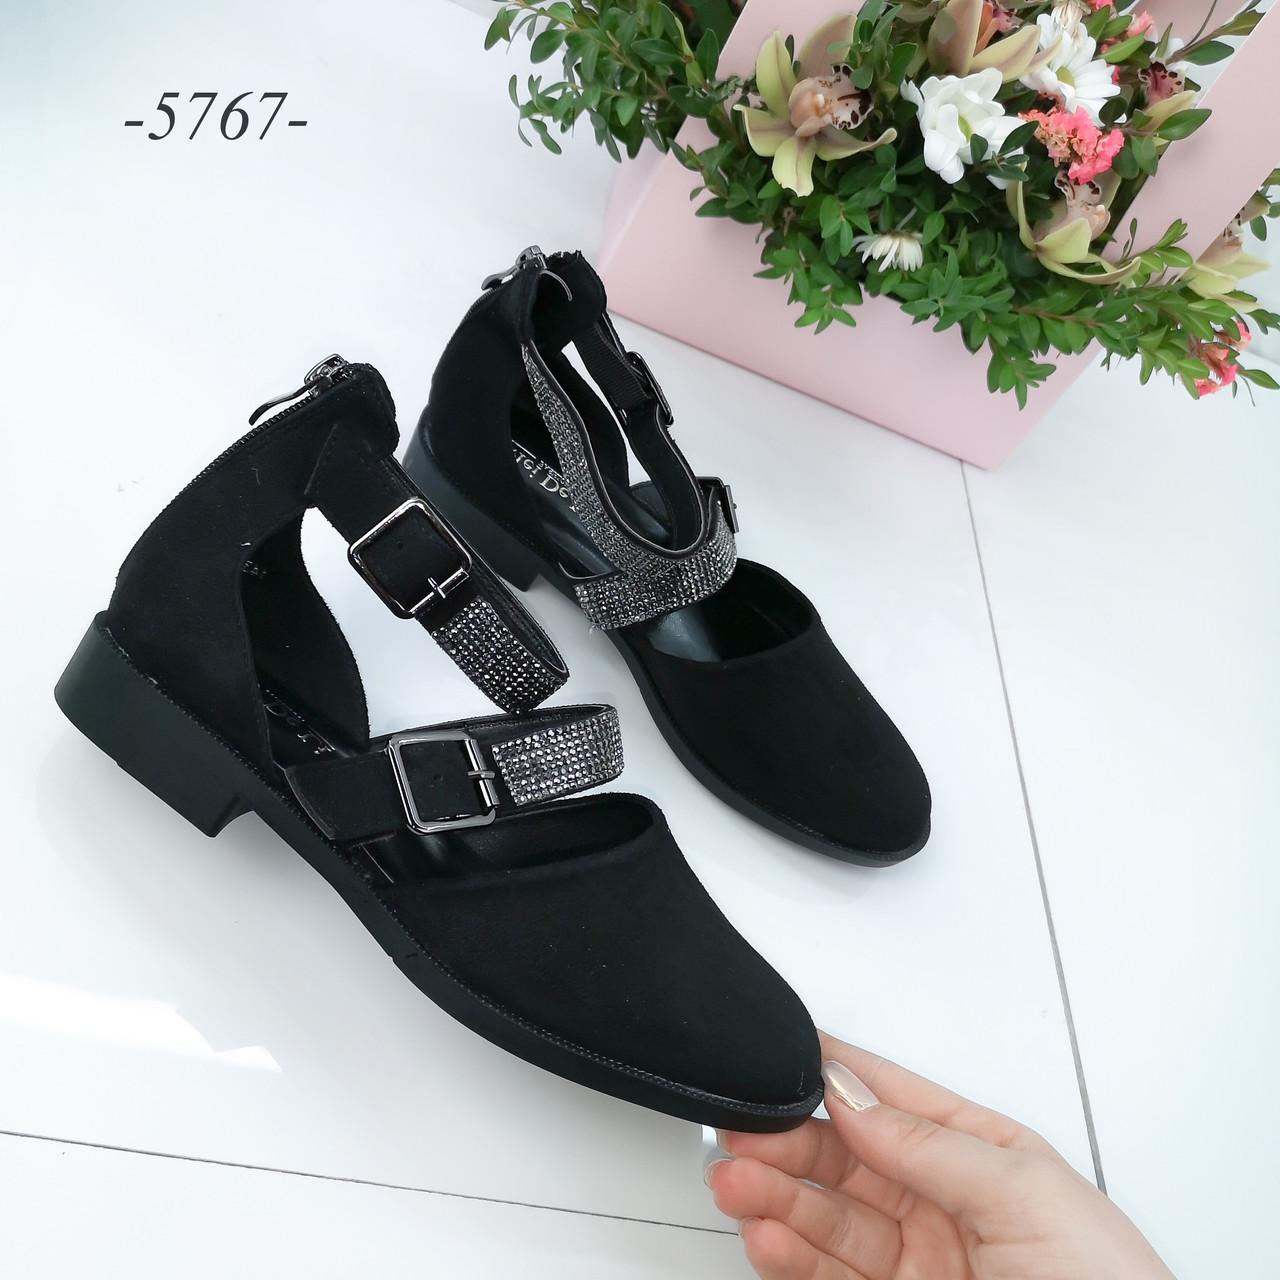 ac709ef4775c Балетки _ Mai_, цвет - Черный - Интернет-магазин обуви TINA LUX в  Днепропетровской